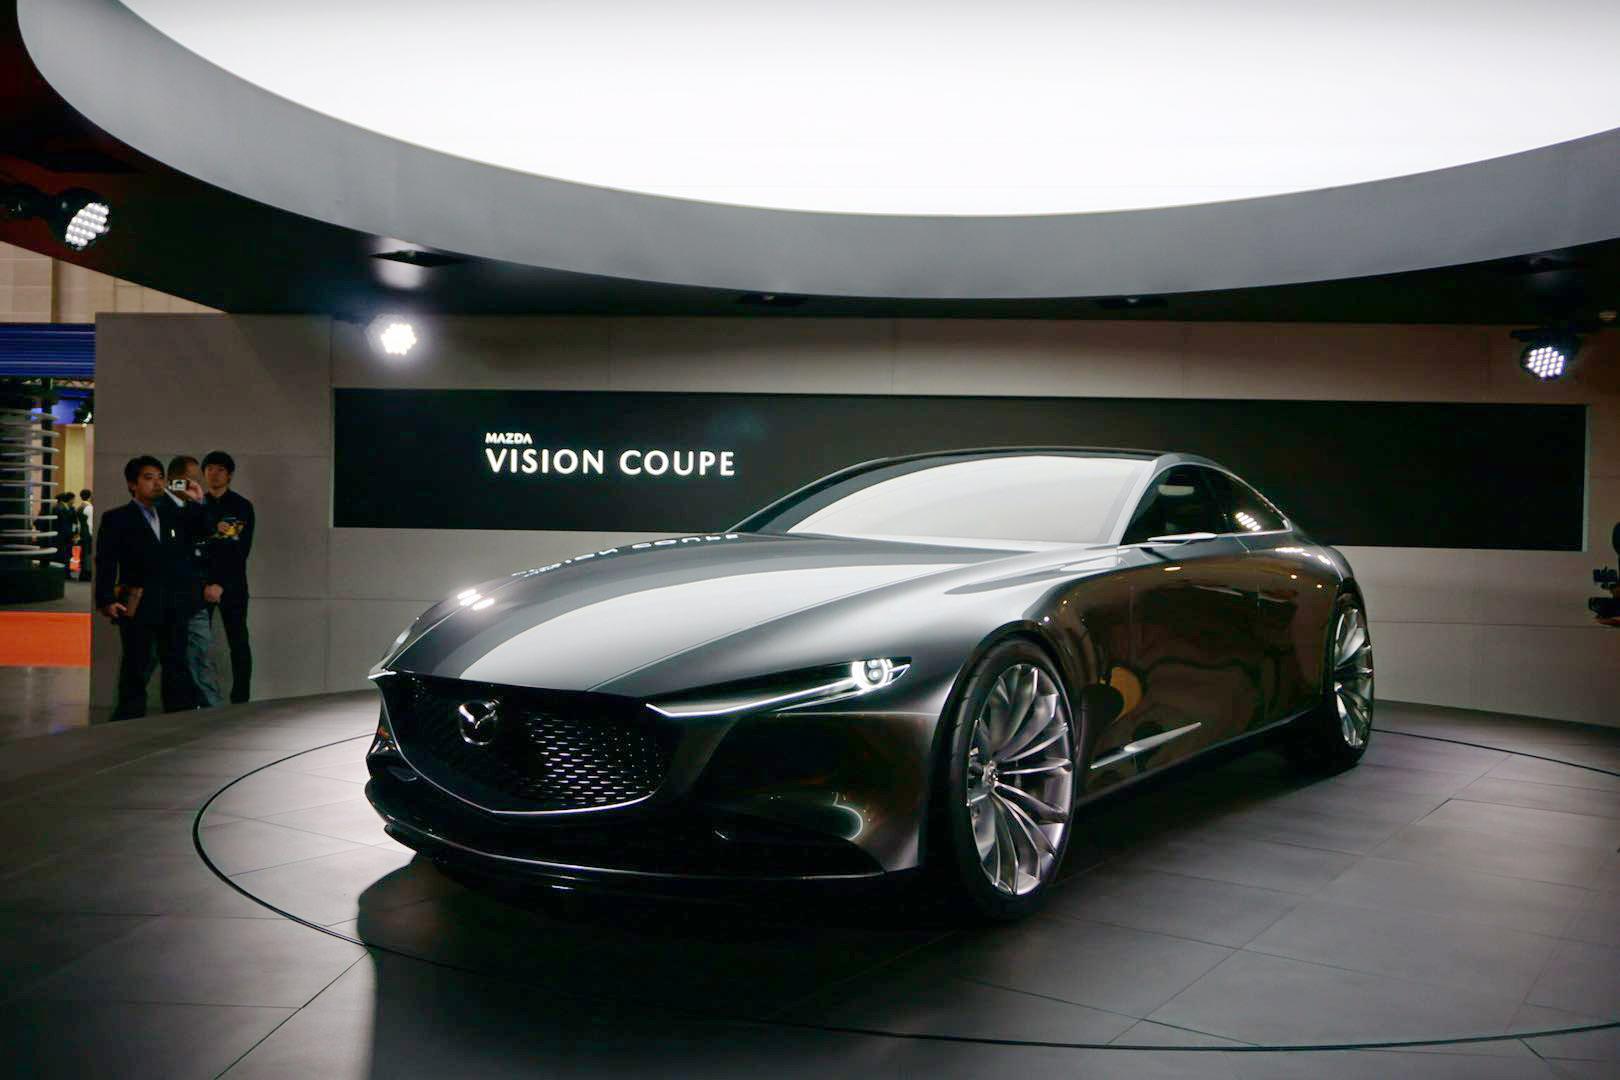 展现全新魂动设计理念,马自达概念车vision coupe亮相